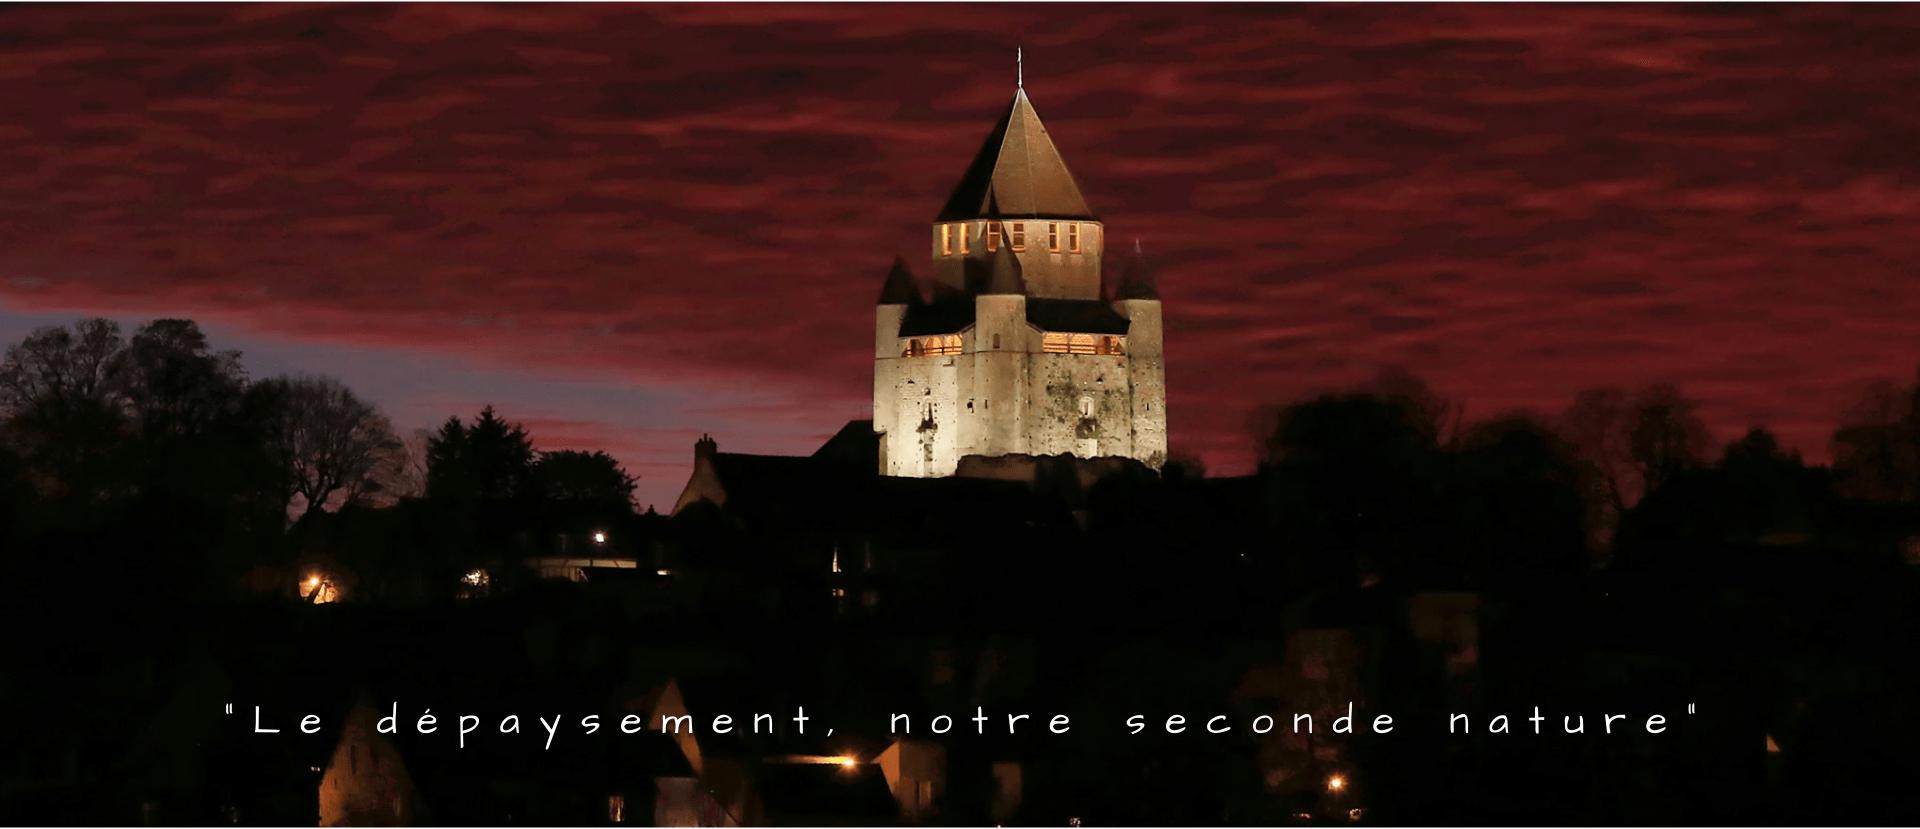 La cité médiévale de Provins, Patrimoine Mondial Unesco